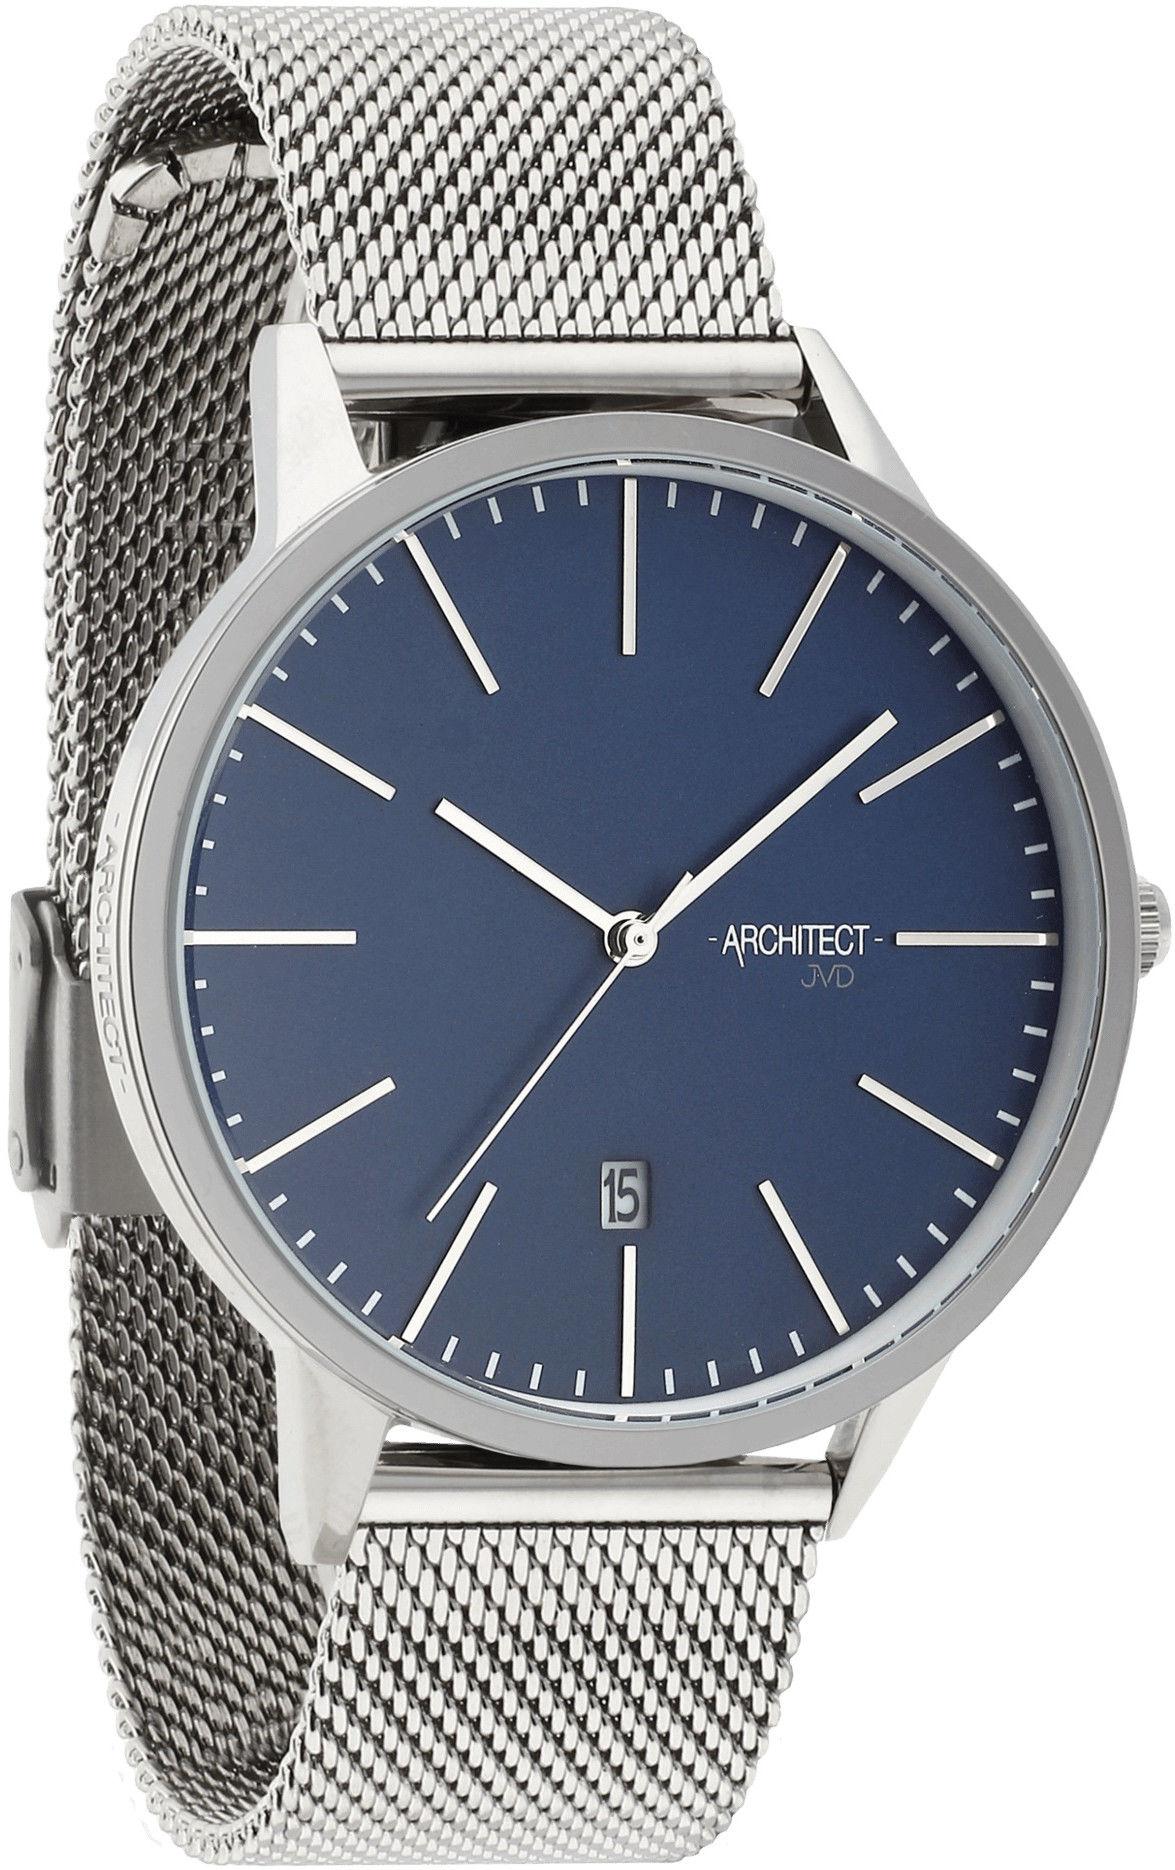 ae1093006d7 Pánské hodinky - ocelový řemínek